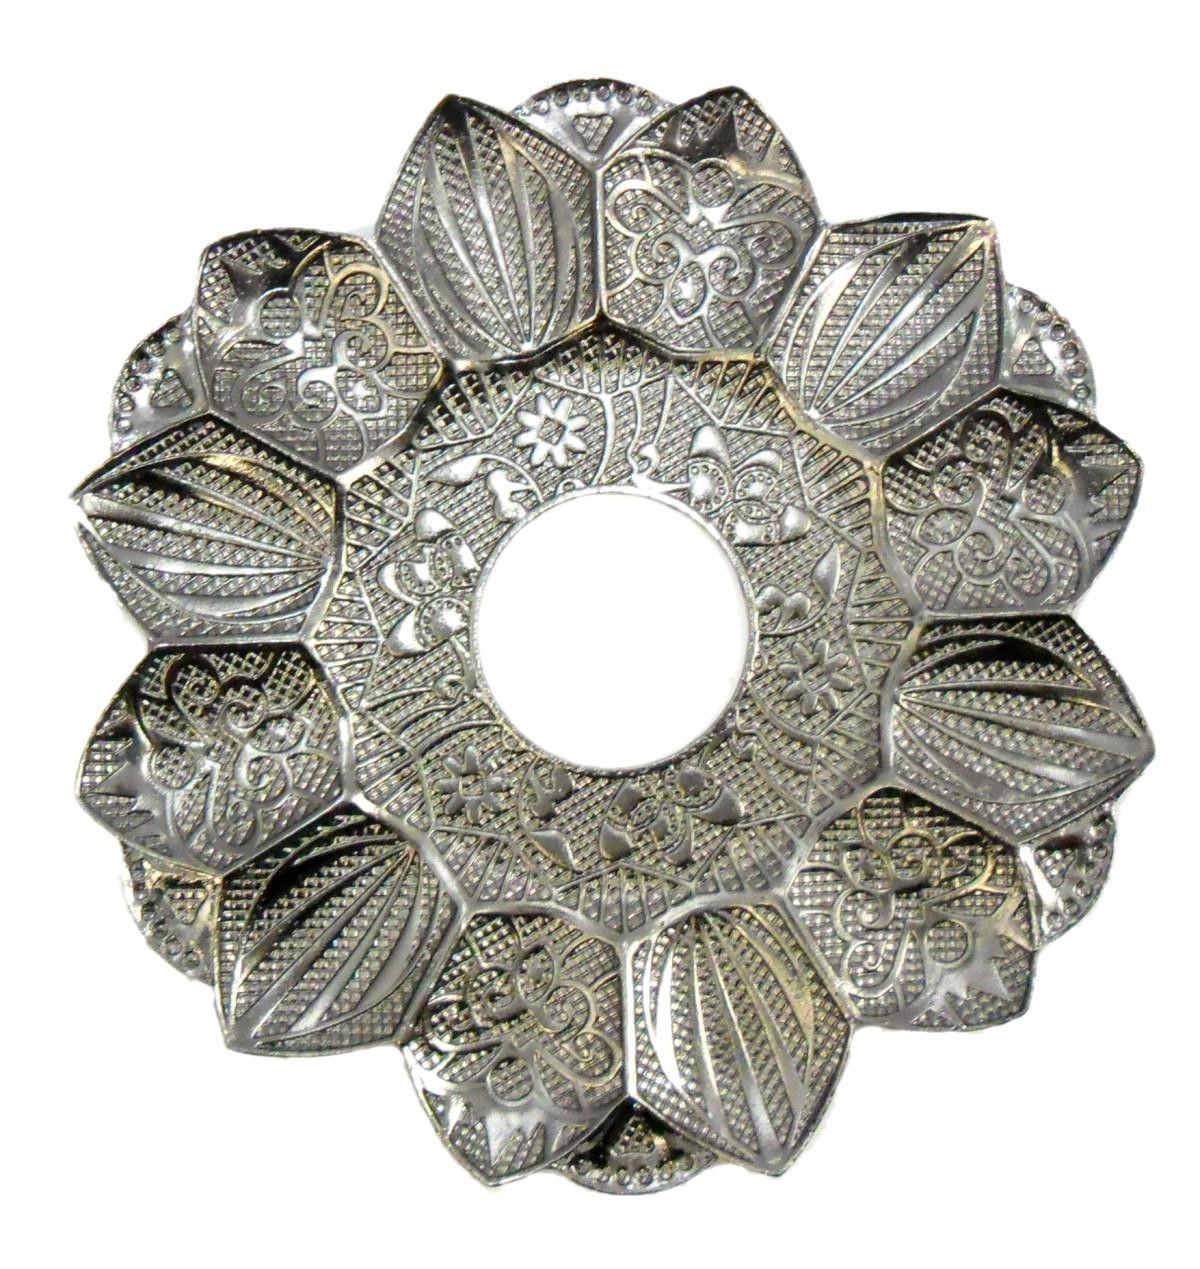 Prato para narguile Yahya, turco, 16,5cm de diâmetro externo e 4,0cm de furo.